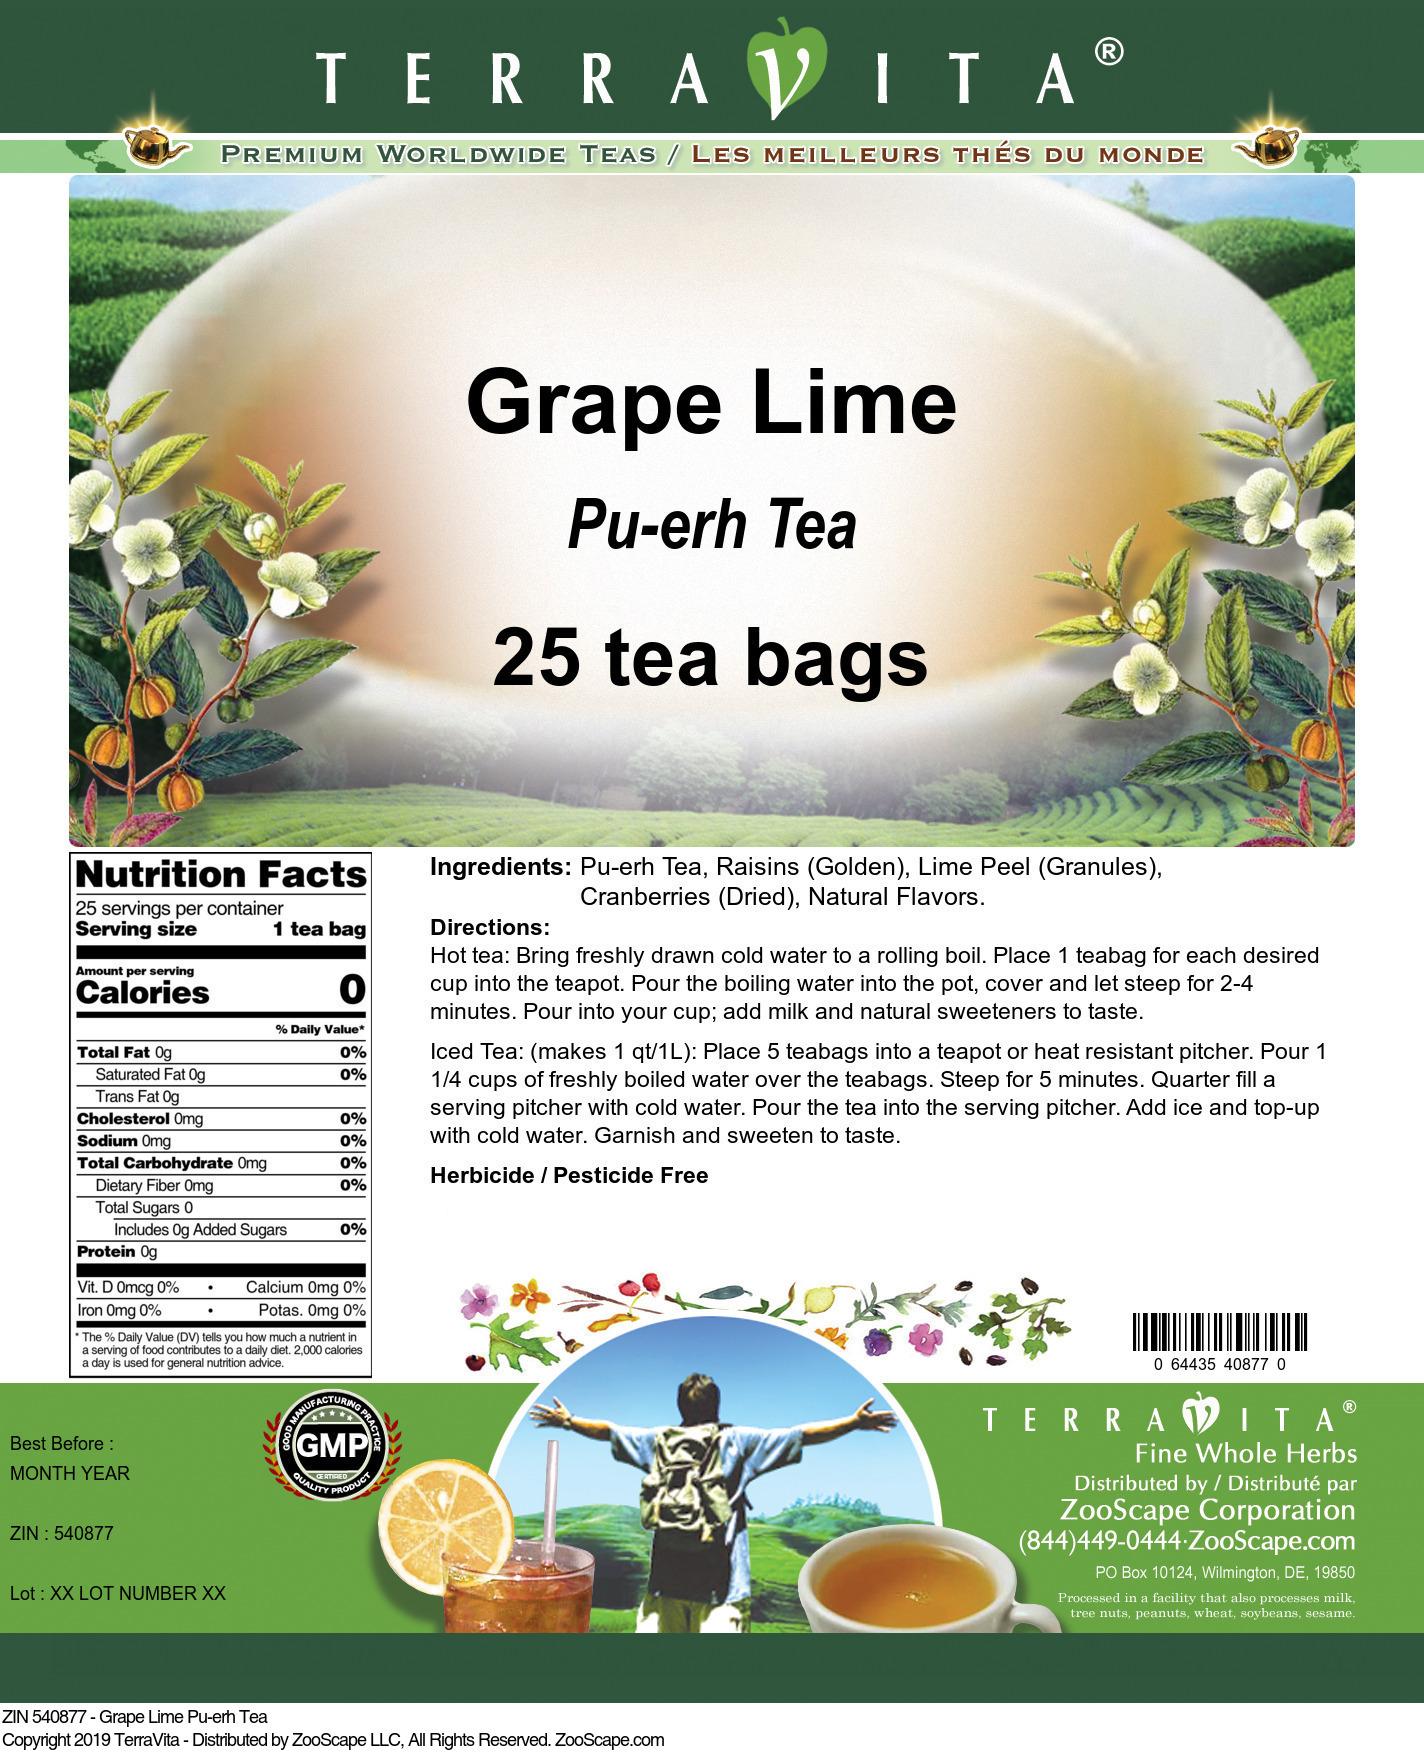 Grape Lime Pu-erh Tea